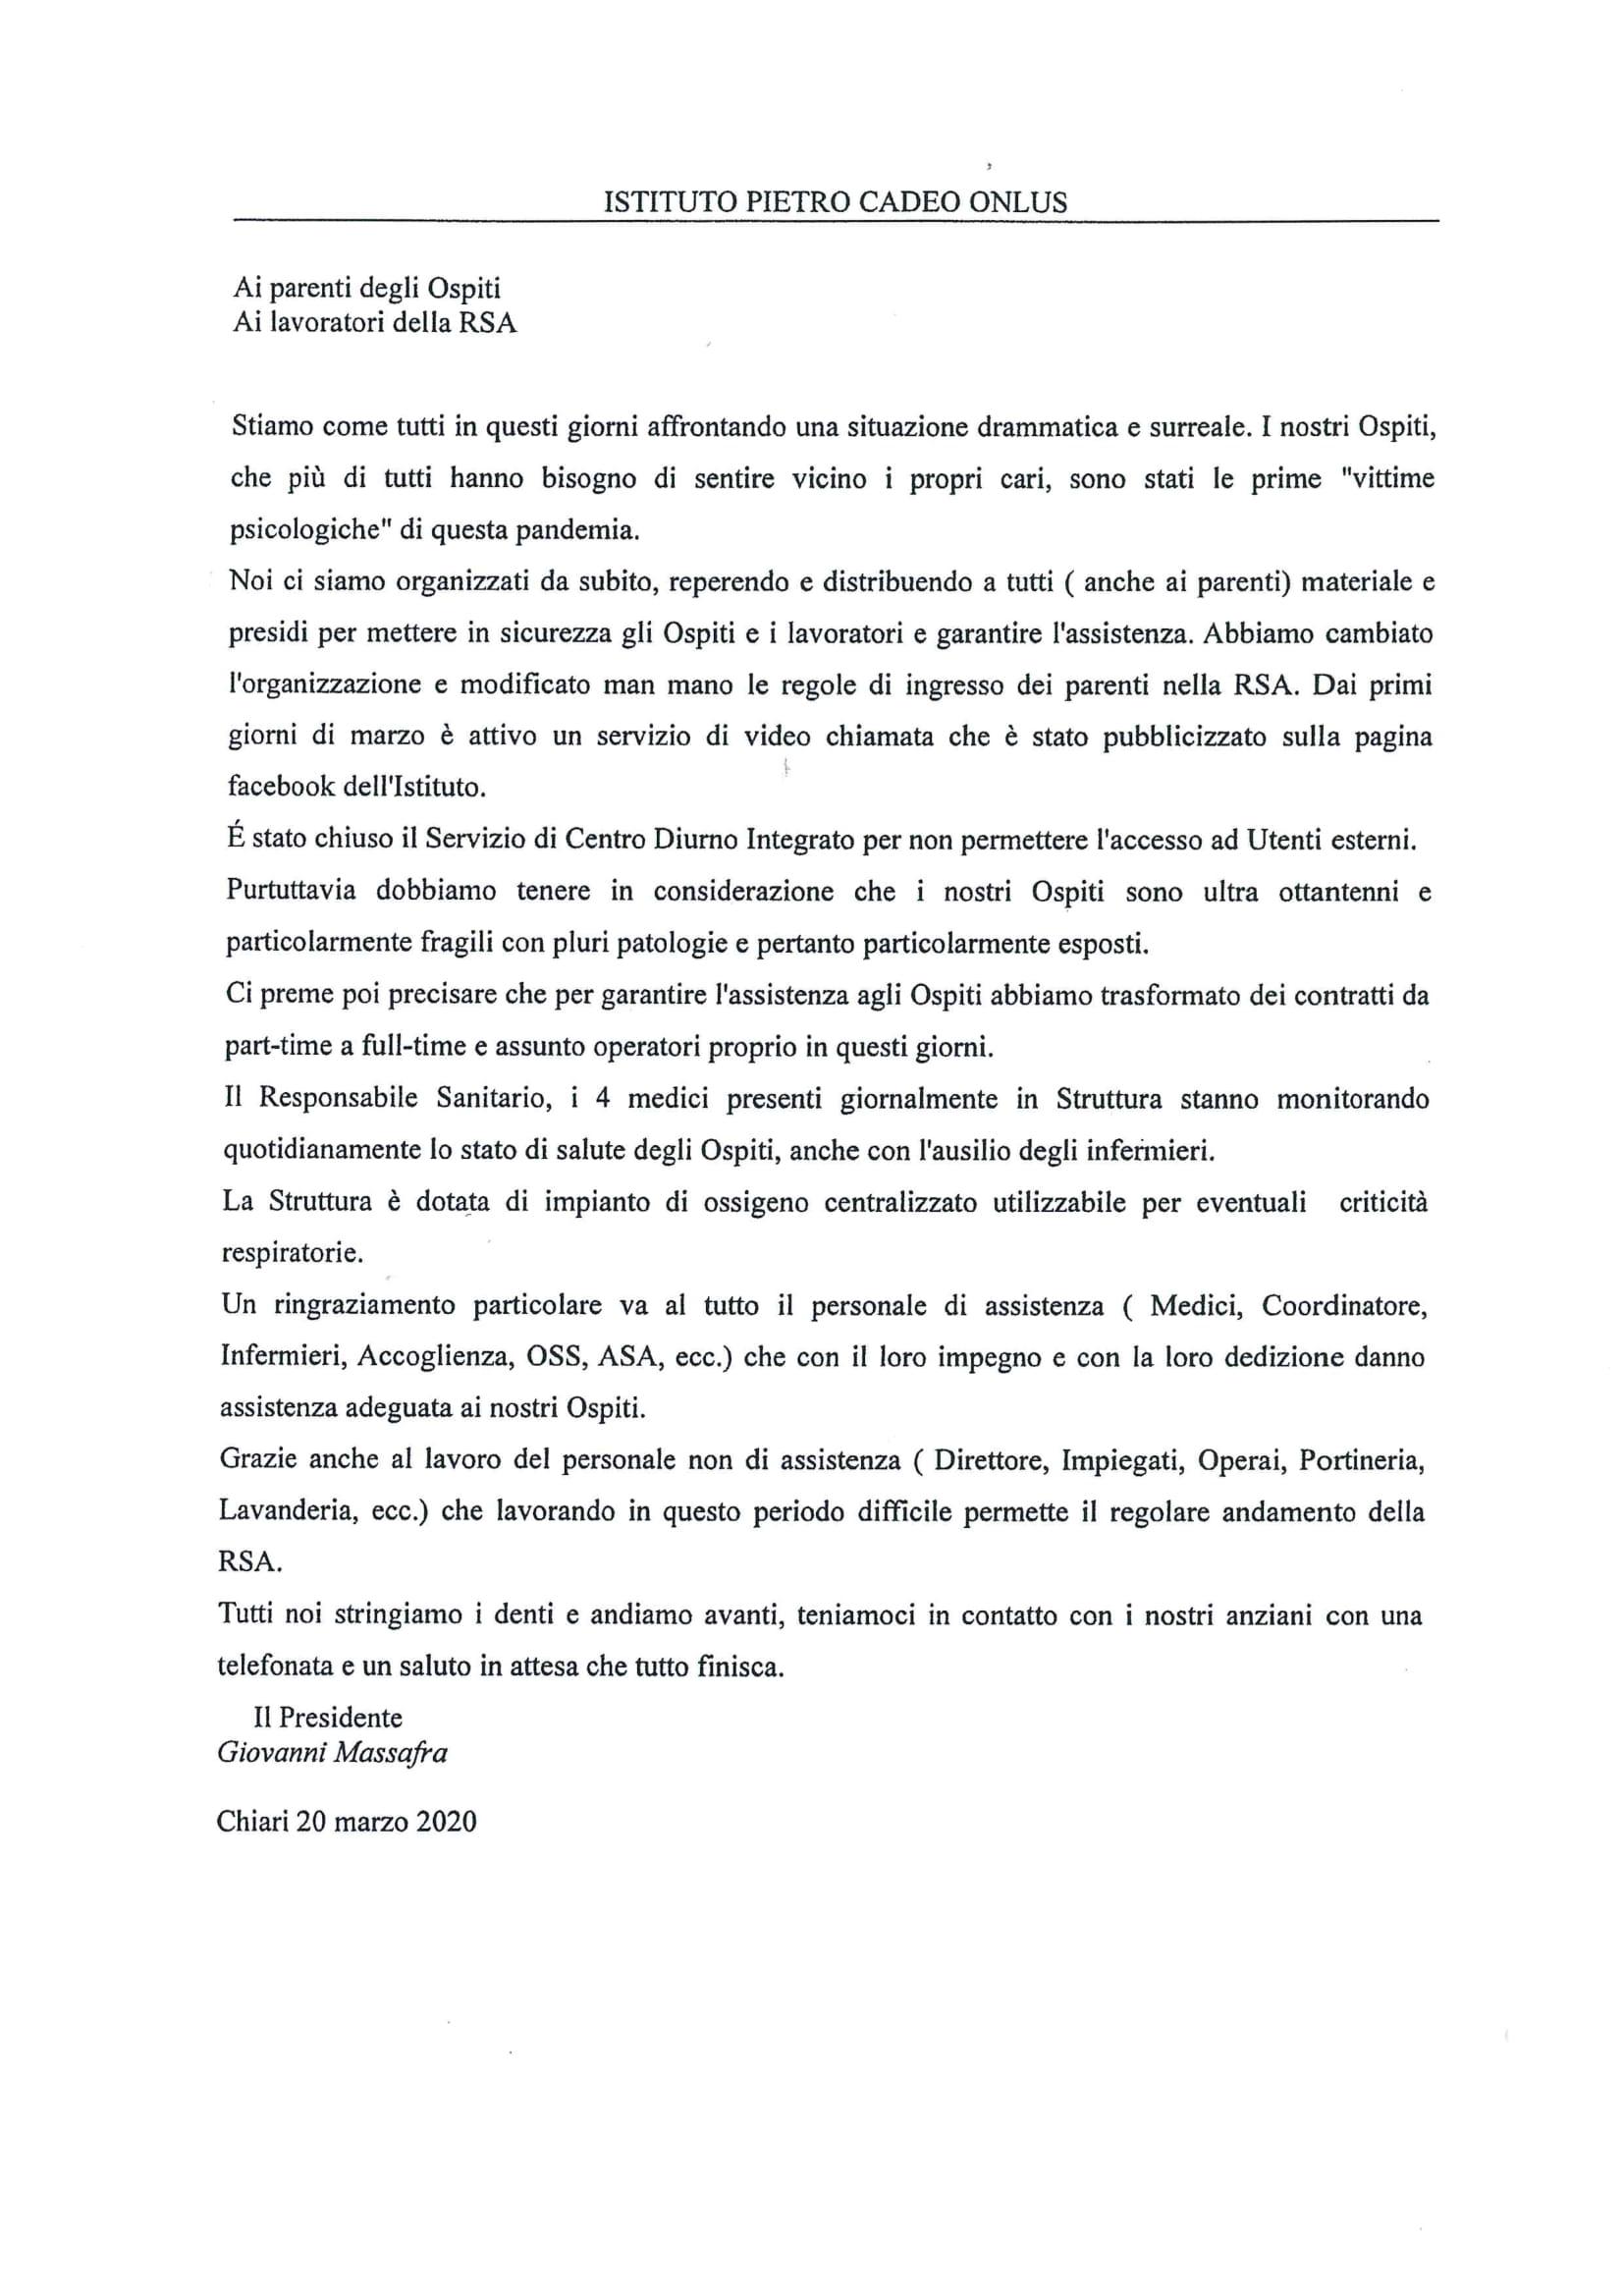 lettera pres-1